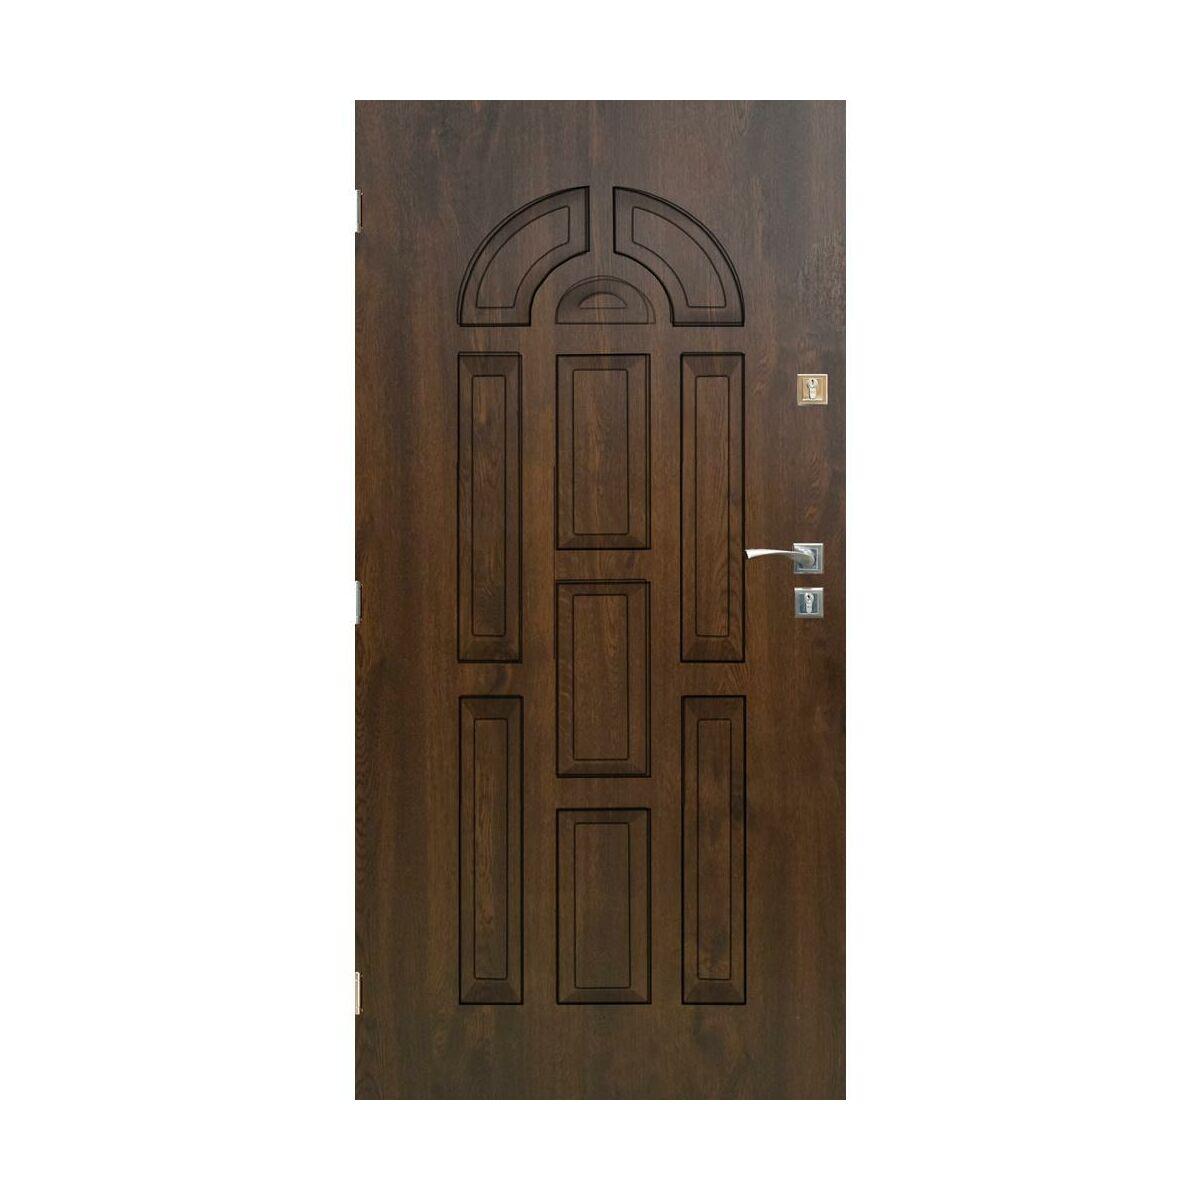 Drzwi Wejsciowe Valencia Orzech 90 Lewe Sedro Drzwi Wejsciowe Do Domu Mieszkania W Atrakcyjnej Cenie W Sklepach Leroy Merlin